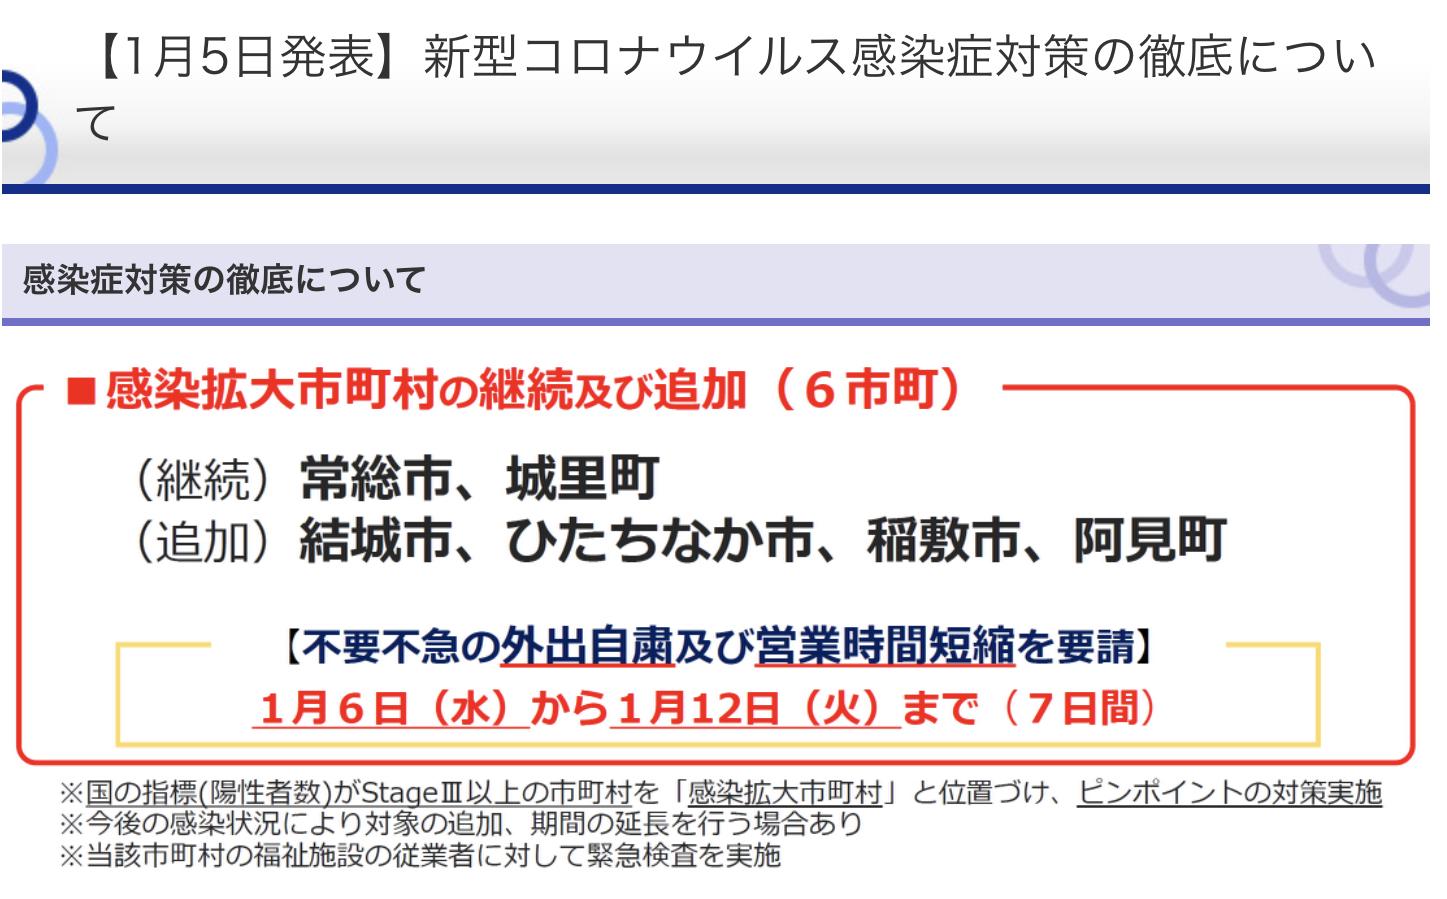 704507BB-0939-4637-82A4-2E93EB51C03A.jpeg